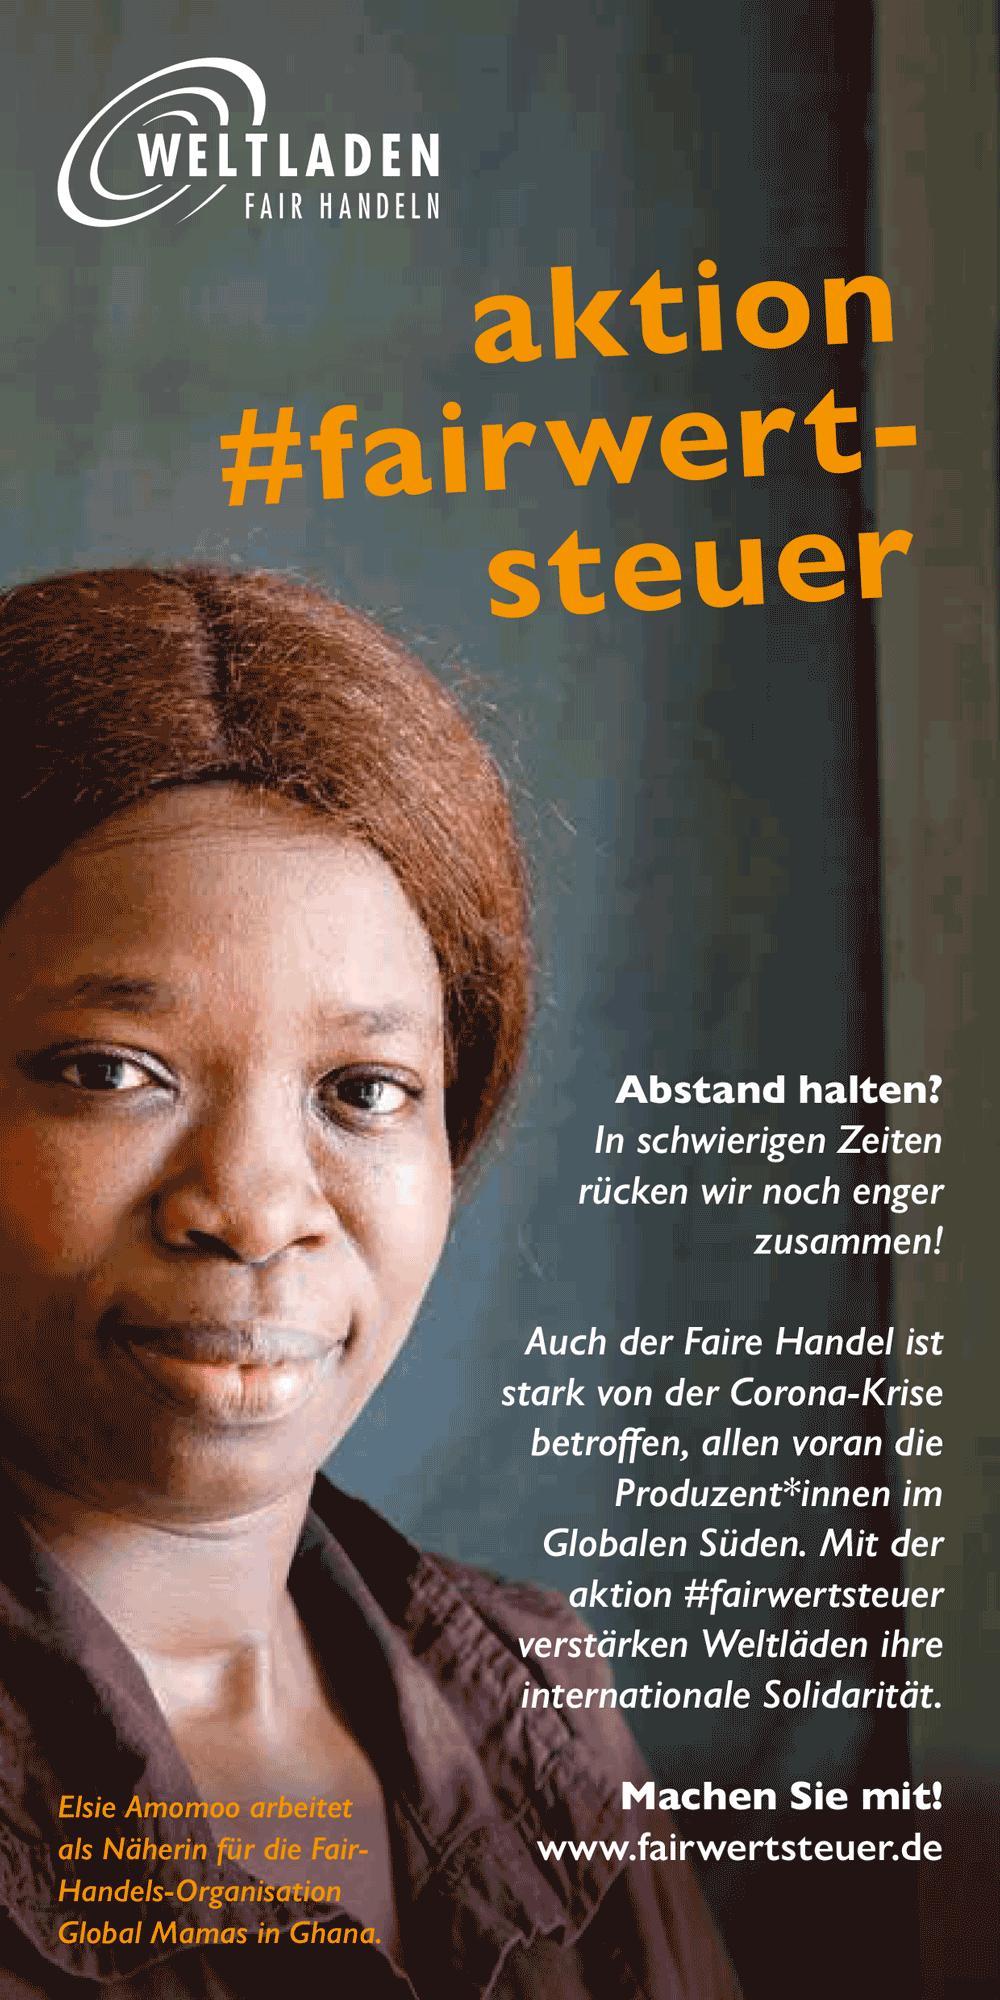 https://www.weltladen.de//site/assets/files/20270/fairwertsteuer_flyer_klein.png